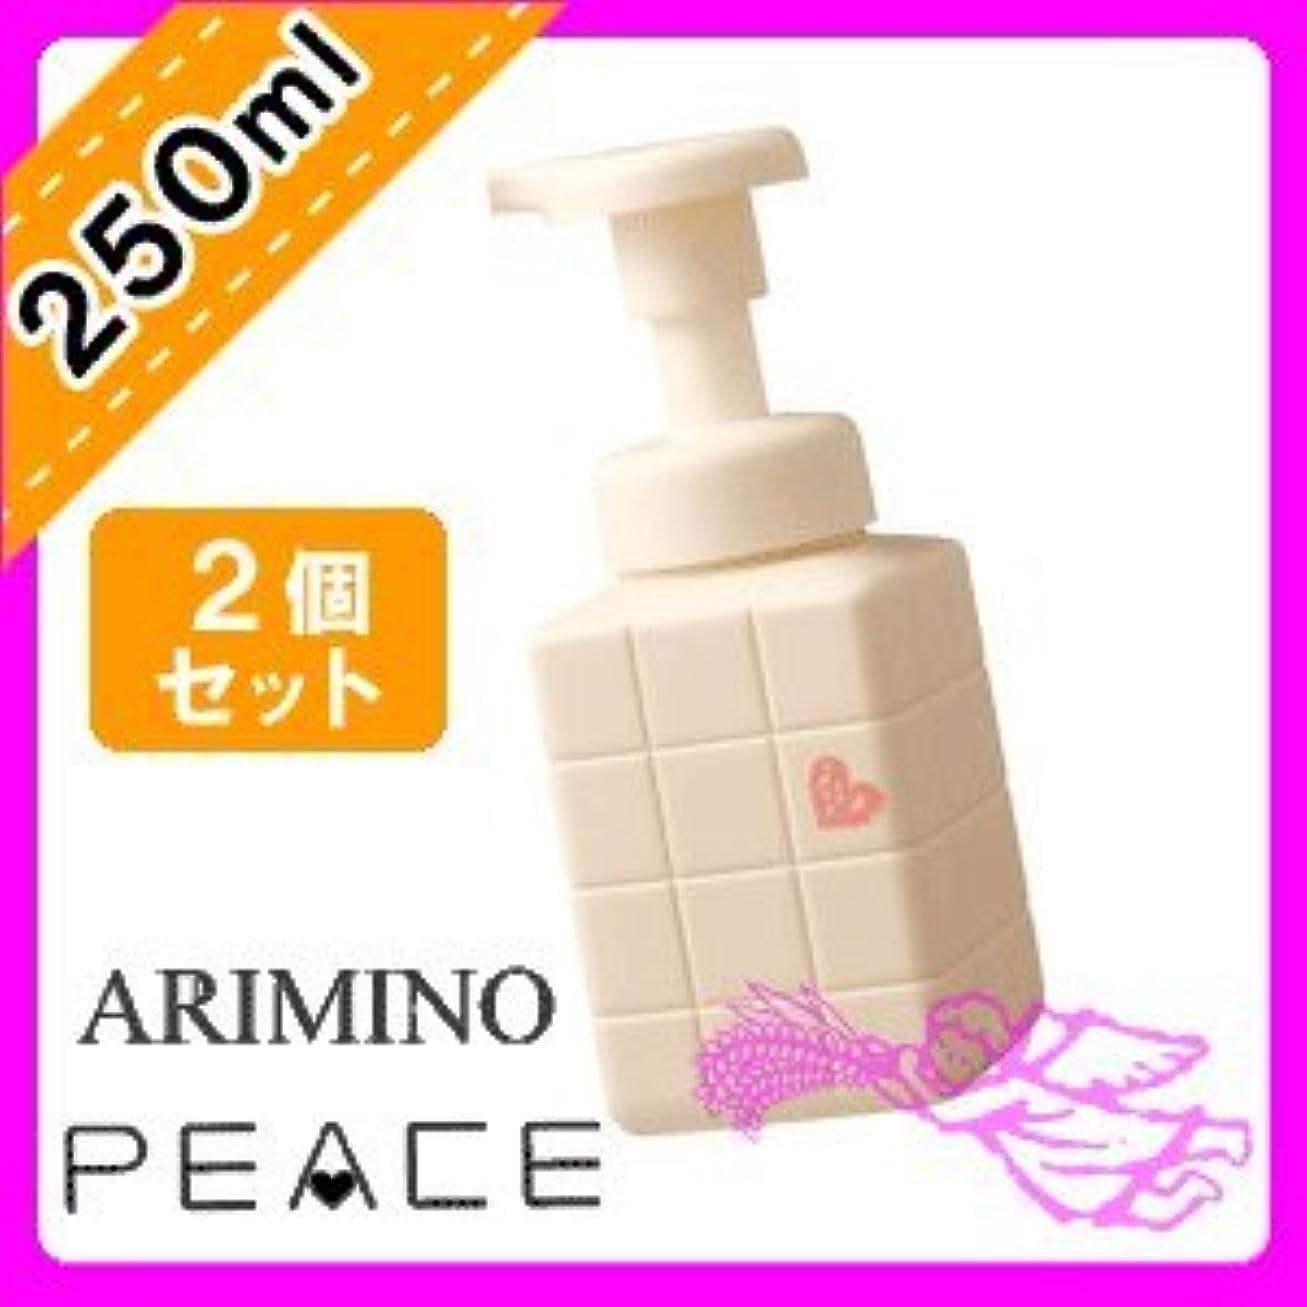 ぴったり叙情的な創傷アリミノ ピース ホイップワックス PEACE ナチュラルウェーブ ホイップ250mL ×2個 セット arimino PEACE